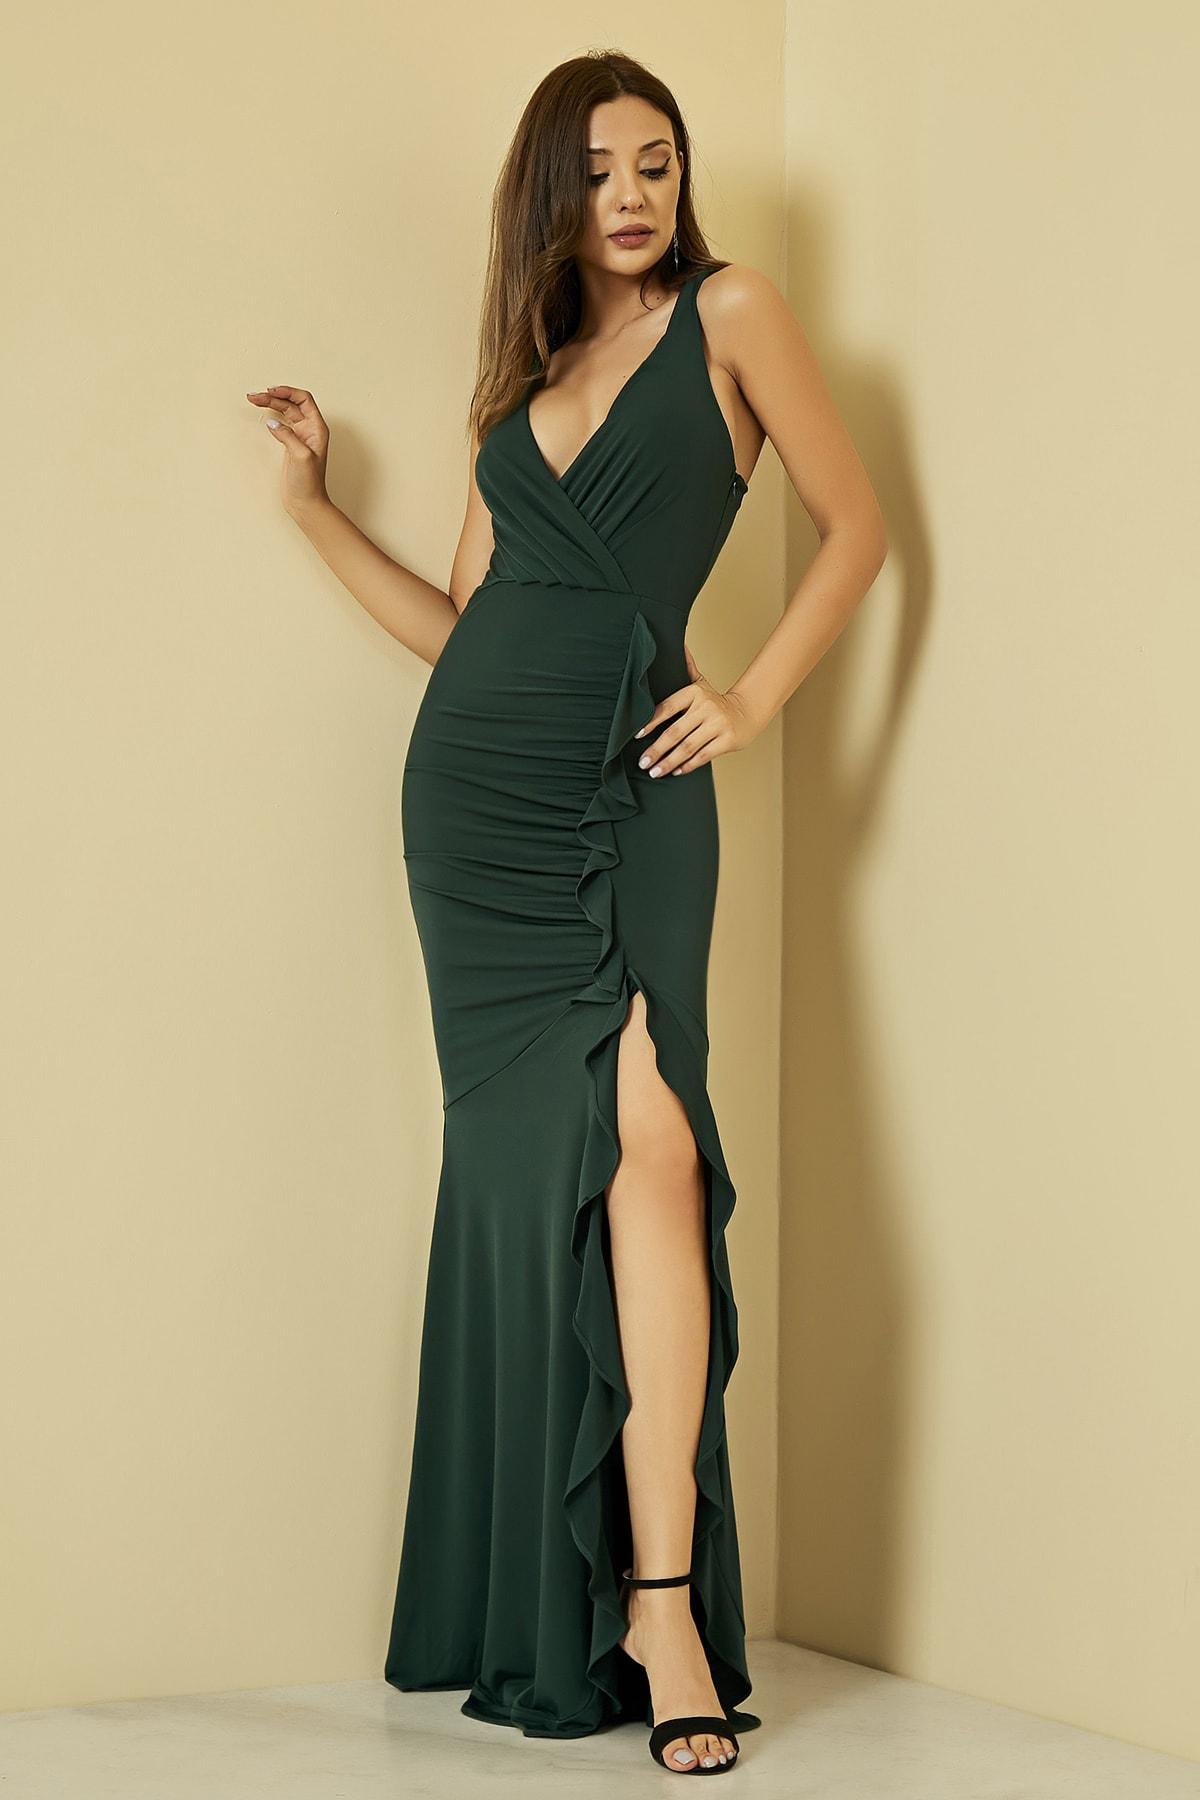 Sateen Kadın Zümrüt Fırfırlı Yırtmaçlı Uzun Abiye Elbise  STN107KEL120